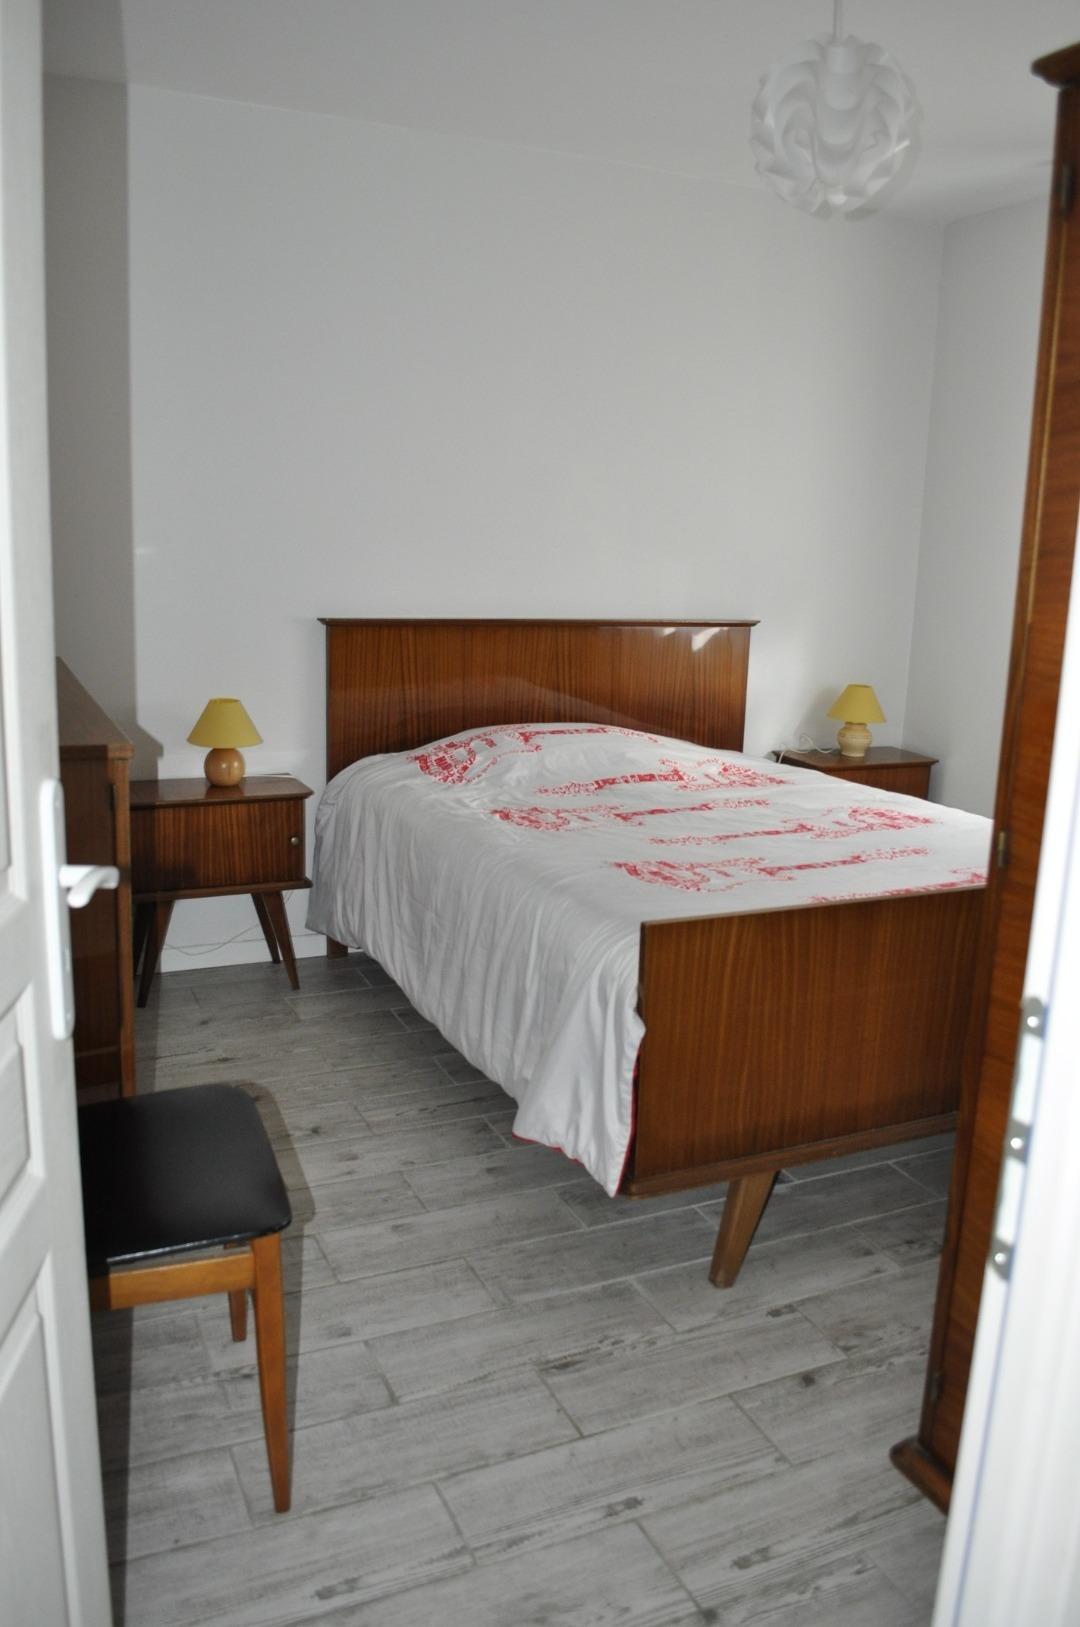 Location de gite et chambres d'hôtes à côté de Bordeaux